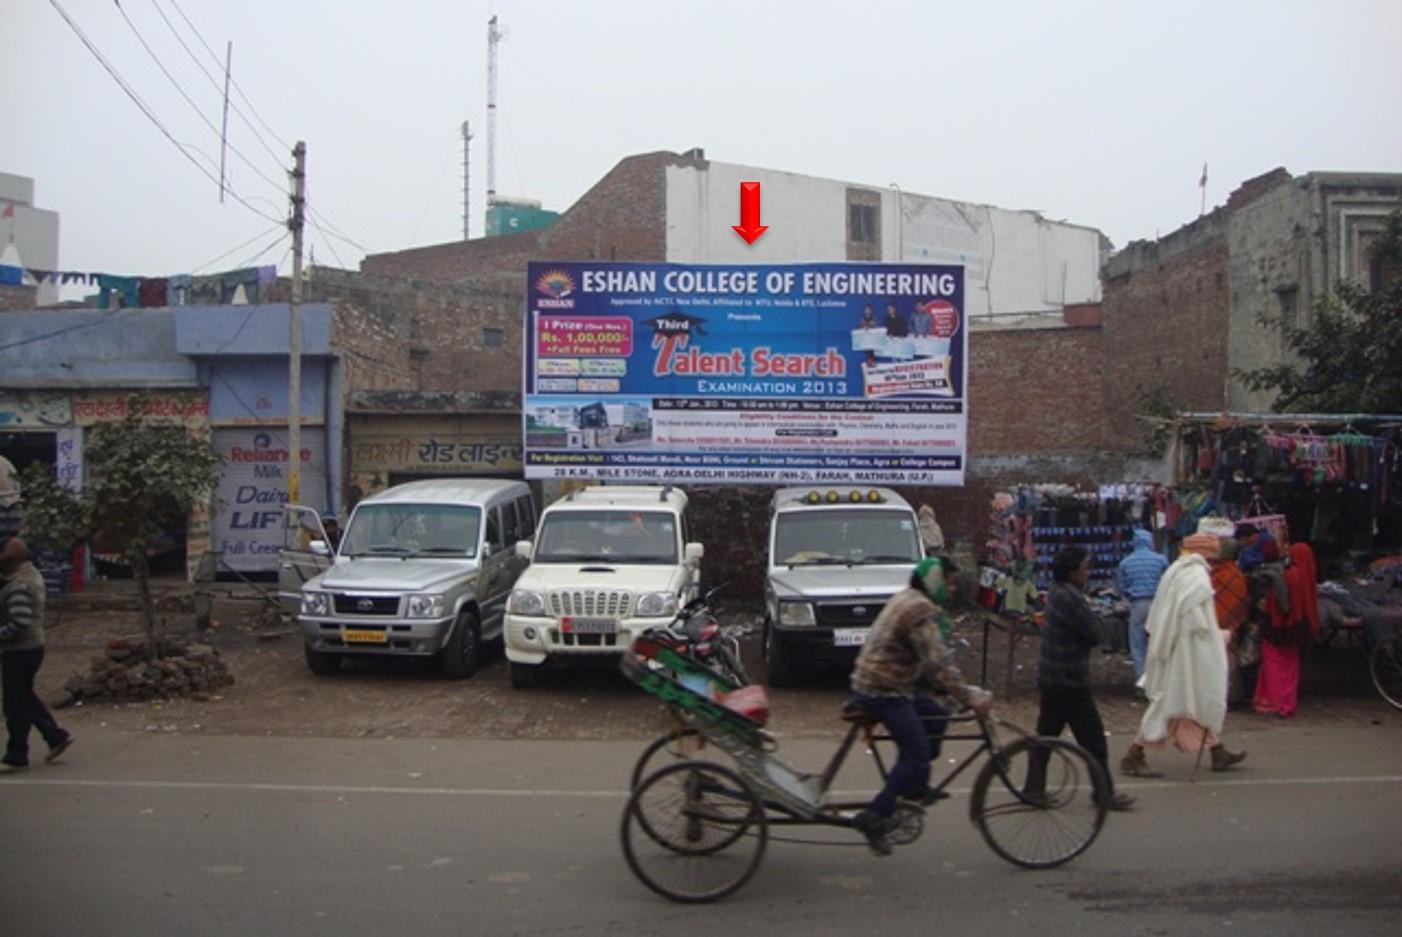 Pathak Hotel Xing, Near Shanti Nagar, Etah